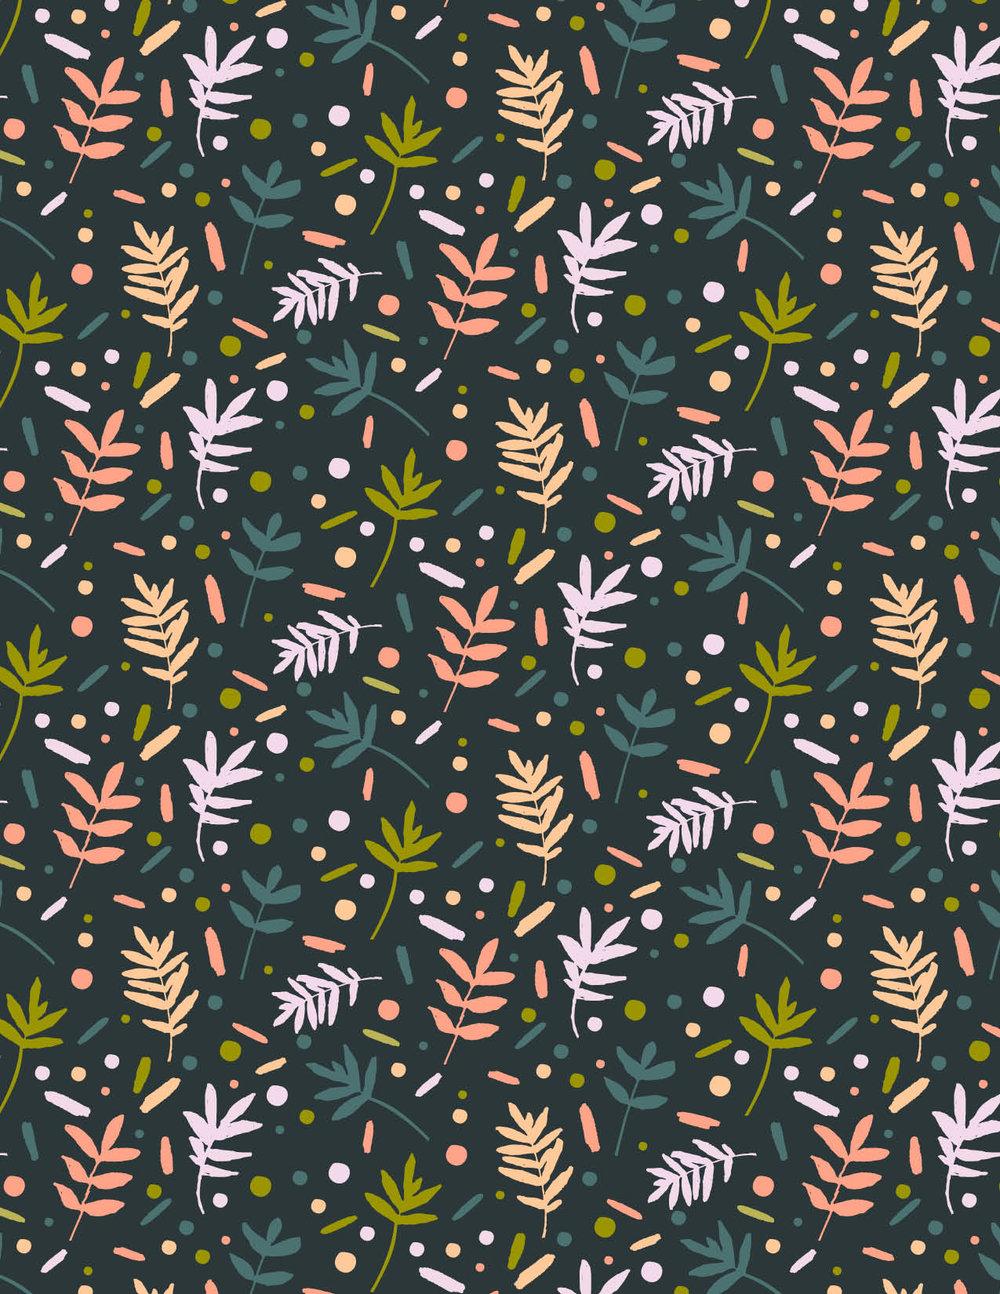 jessbruggink_pattern_353.jpg